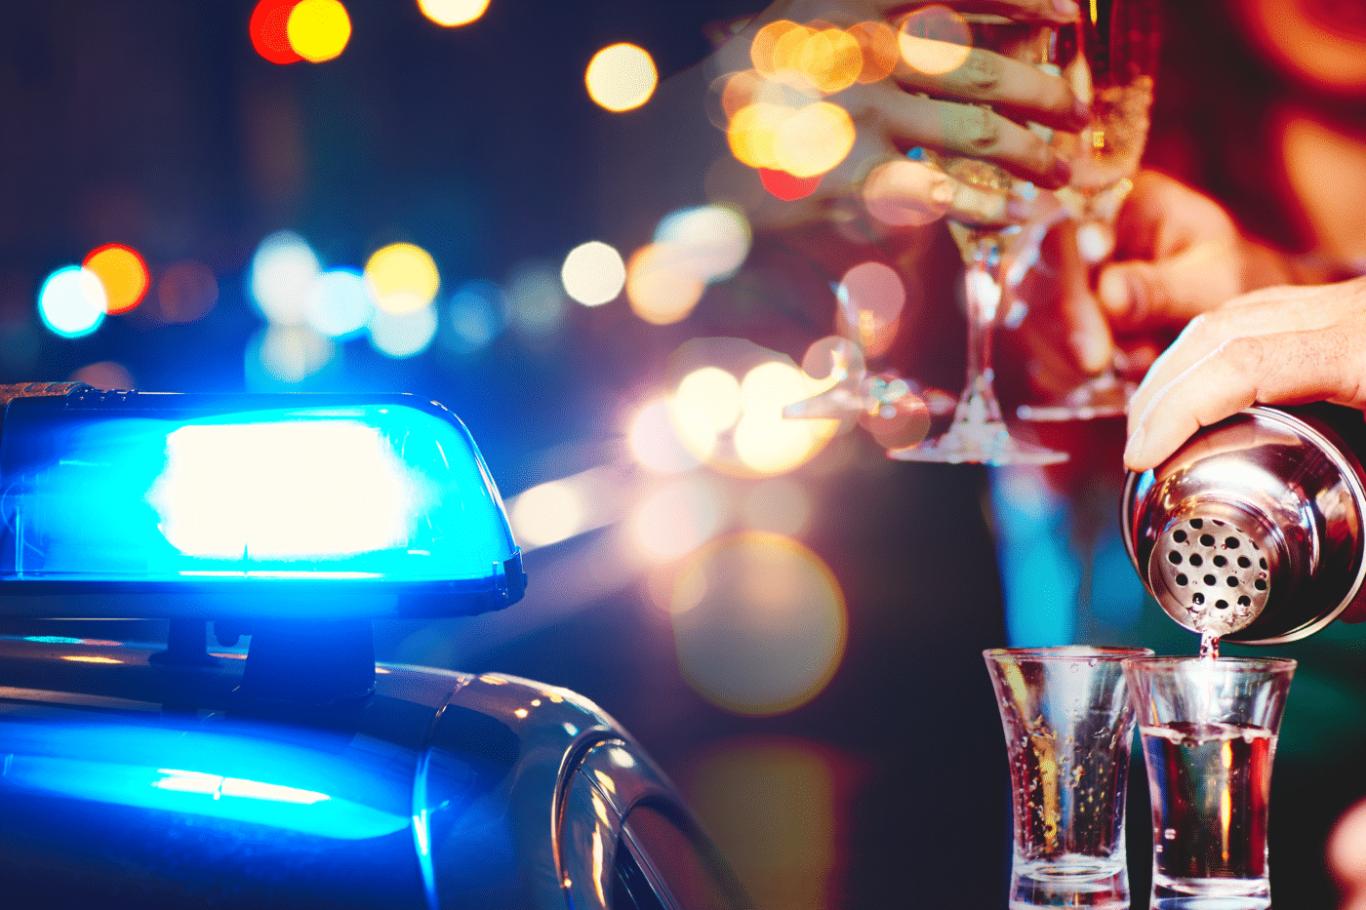 Alkohol Polizei